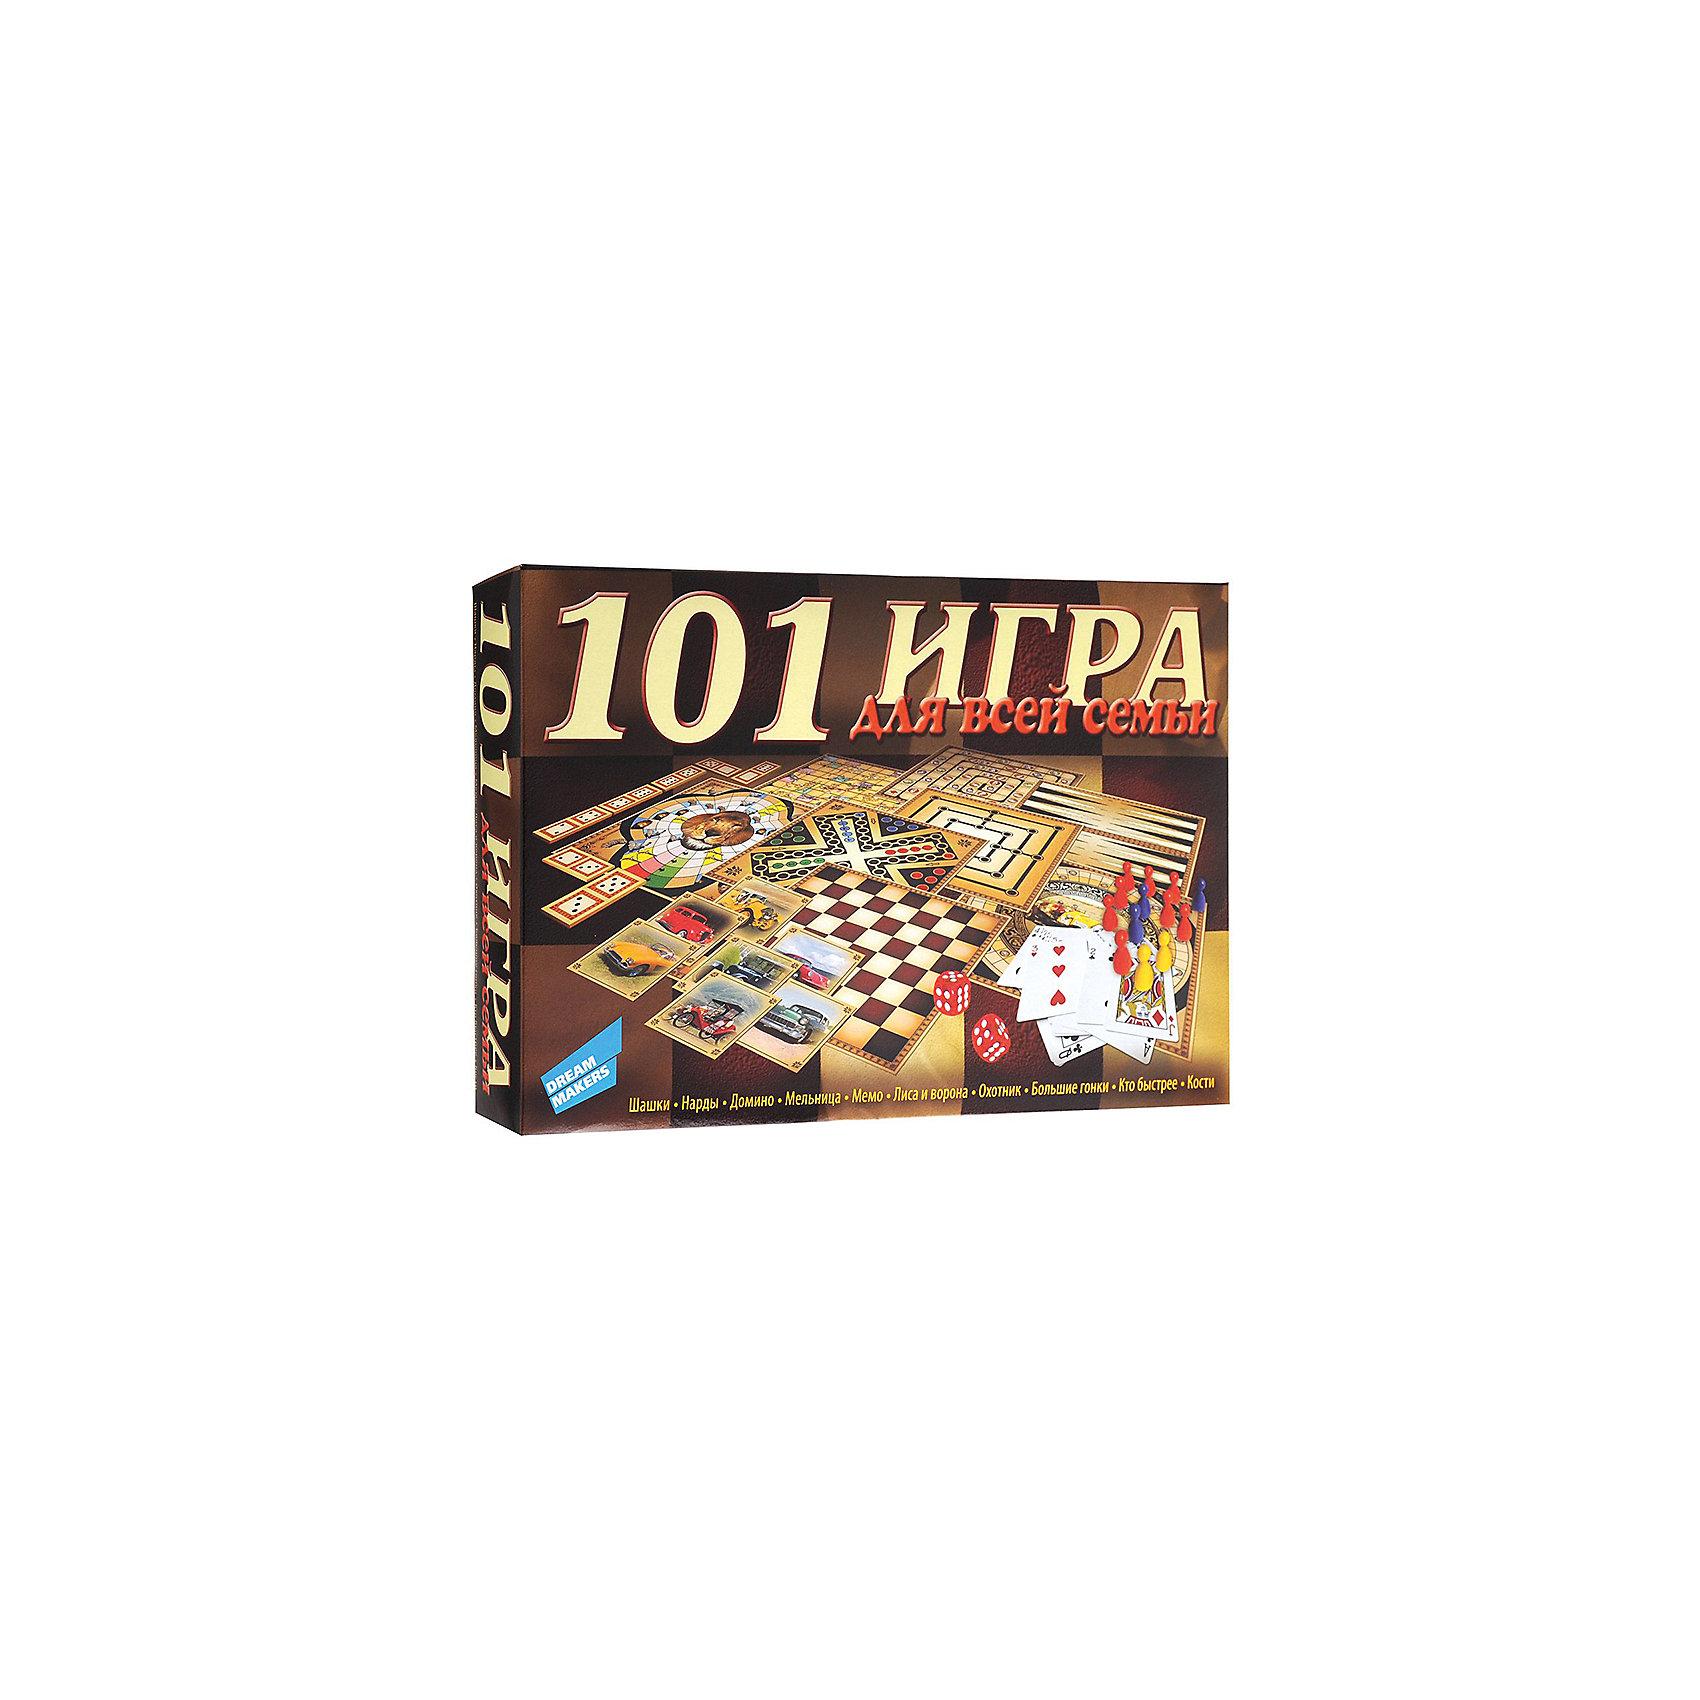 Настольная игра 101 игра New Dream makersНастольные игры для всей семьи<br>Настольная игра содержит материал для 101 игр. Из представленных игр можно отметить такие популярные игры, как шашки, нарды, домино, мемо, а также множество карточных игр, фокусов и игр в кости. Игра для детей от 5 лет, рассчитанная на 2- 6 игроков, развивает эрудицию. Время игры 30 минут. Копмлектность: игровые поля 8 шт., карточки «Домино» 28 шт., карточки «Мемо» 24 шт., шашки 24 шт., фишки игральные 16 шт., кубик игральный 5 шт., карты игральные, инструкция.<br><br>Ширина мм: 325<br>Глубина мм: 200<br>Высота мм: 55<br>Вес г: 300<br>Возраст от месяцев: 60<br>Возраст до месяцев: 2147483647<br>Пол: Унисекс<br>Возраст: Детский<br>SKU: 7040253